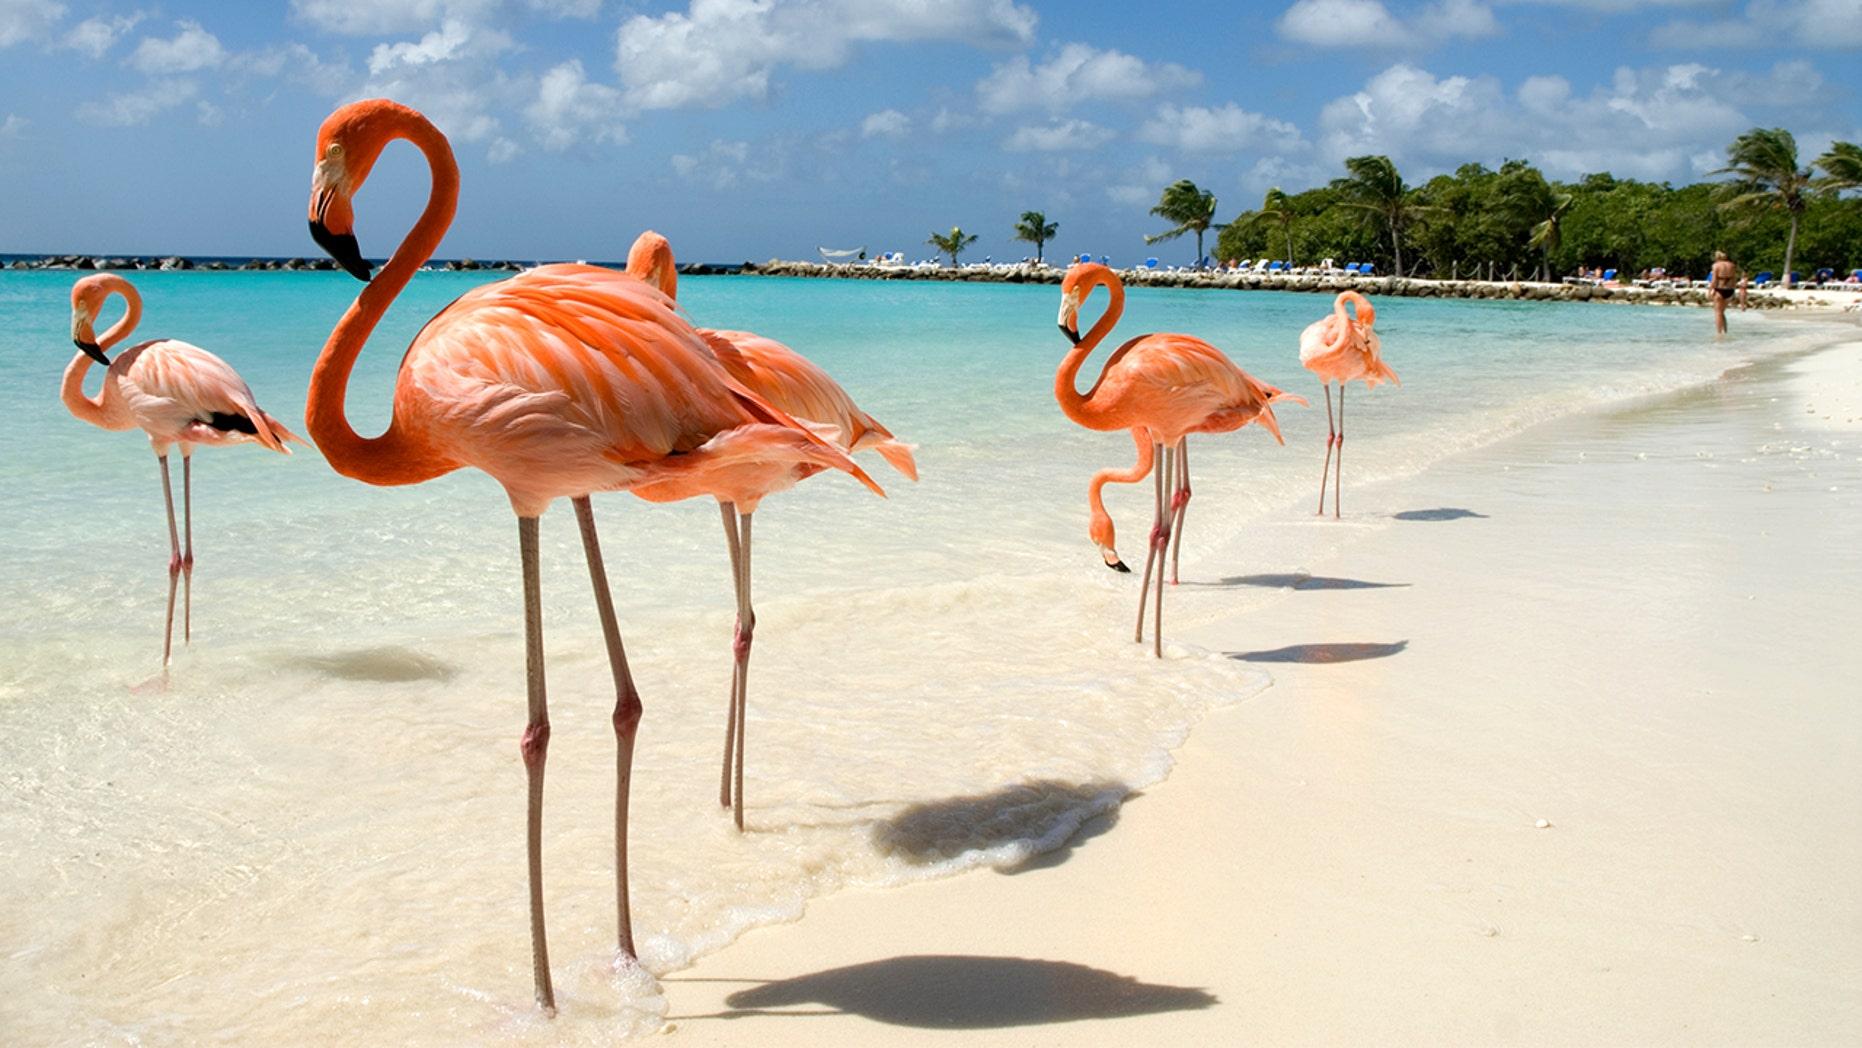 Марш фламинго на острове Инагуа, на Багамах